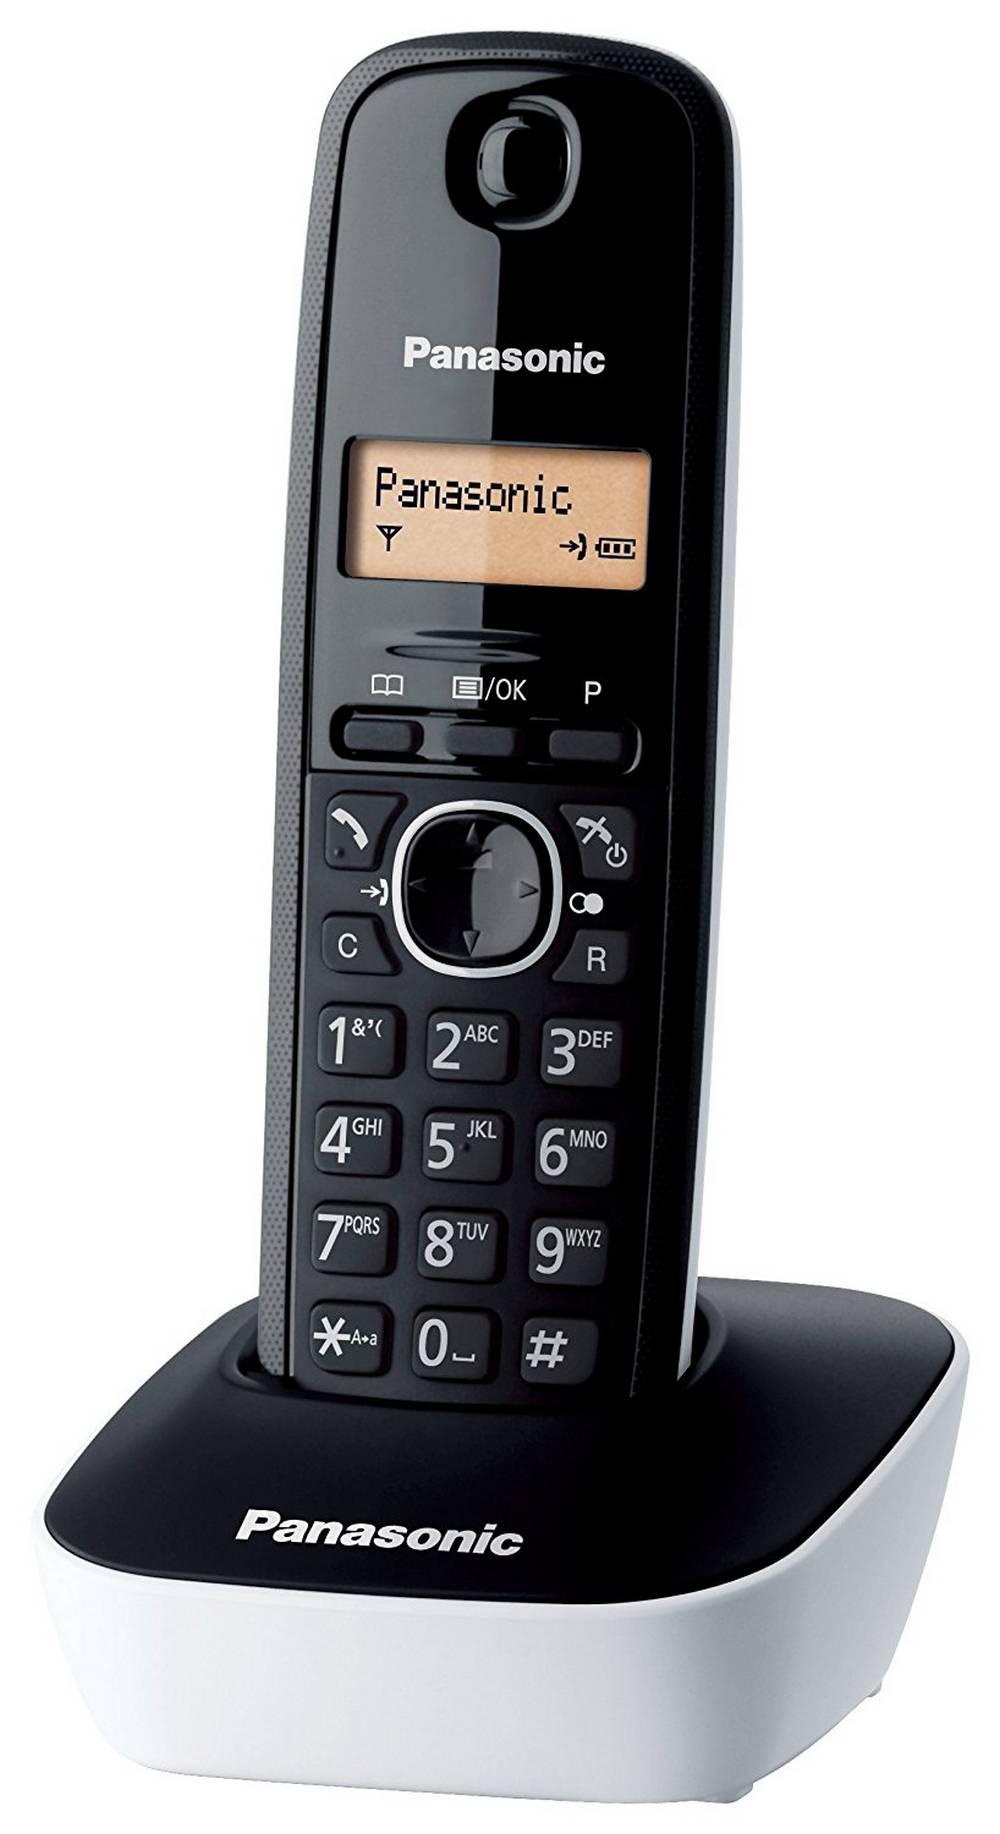 Ασύρματο Ψηφιακό Τηλέφωνο Panasonic KX-TG1611 (EU) Μαύρο-Λευκό